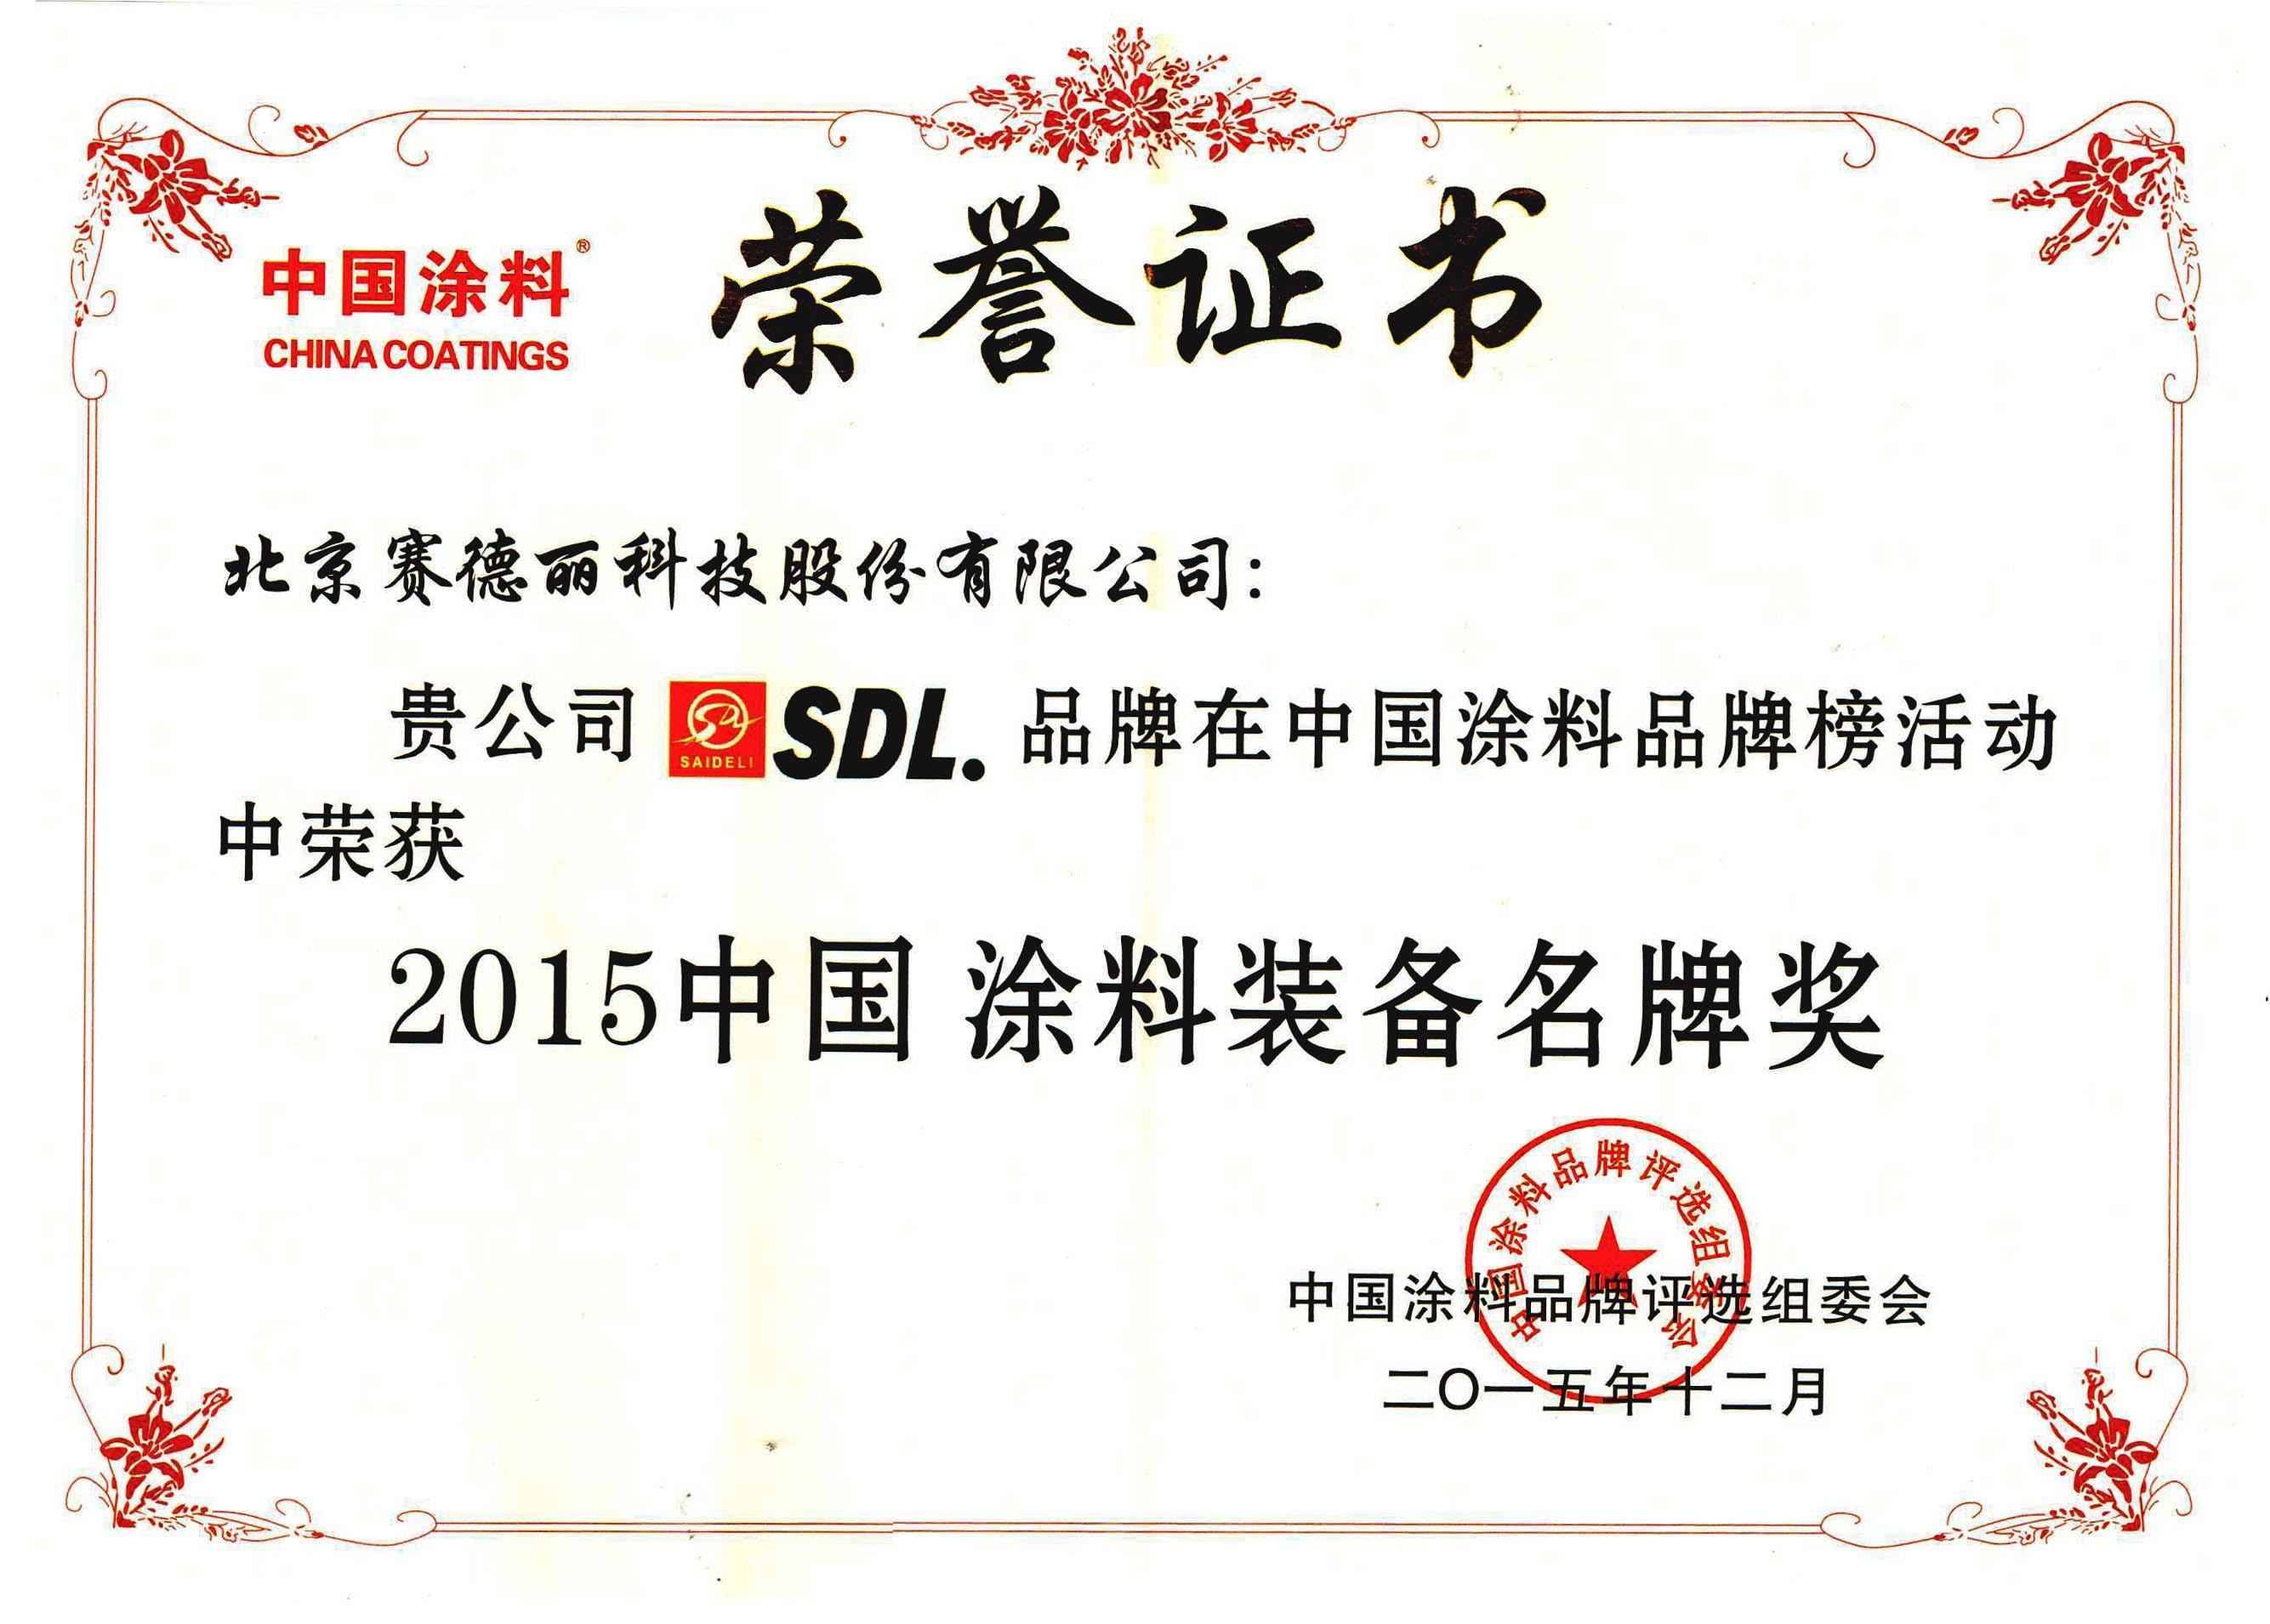 赛德丽荣获2015中国涂料装备名牌奖